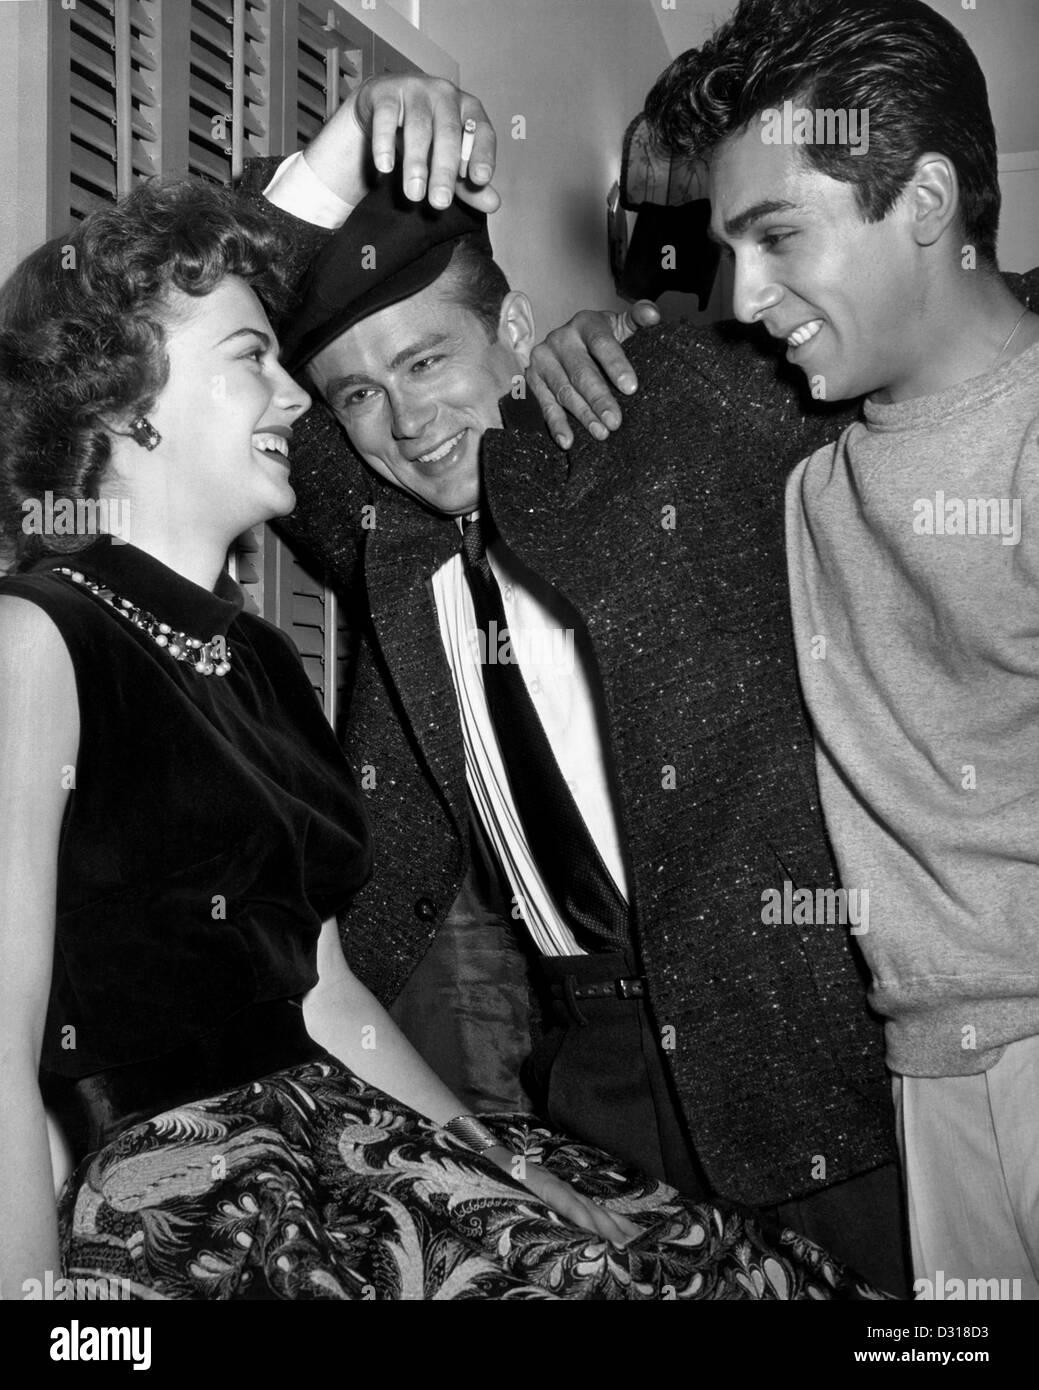 Natalie Wood, James Dean, Sal Mineo - Stock Image